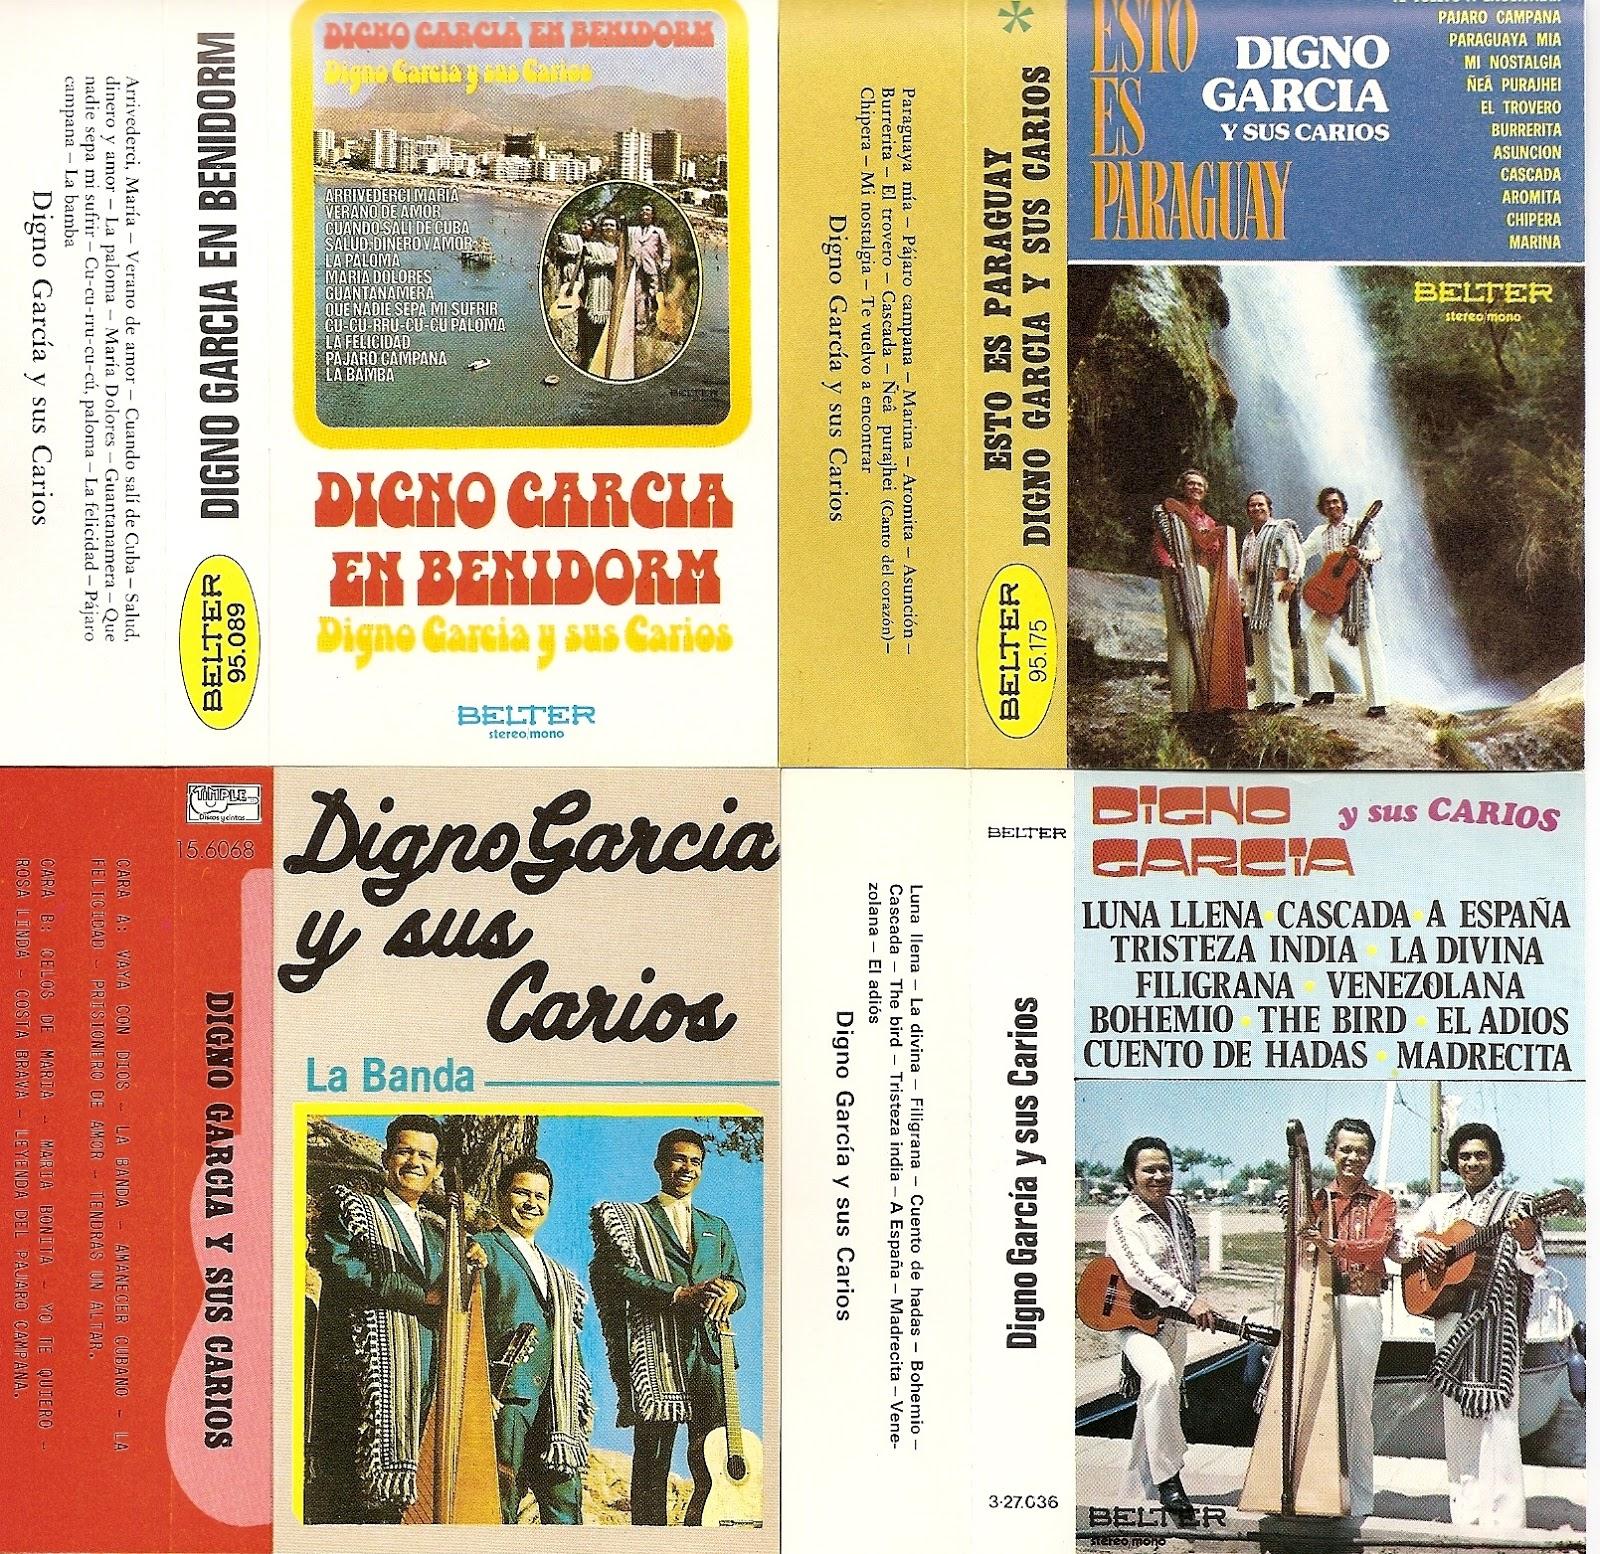 Digno Garcia Y Sus Carios - Spanish Soul